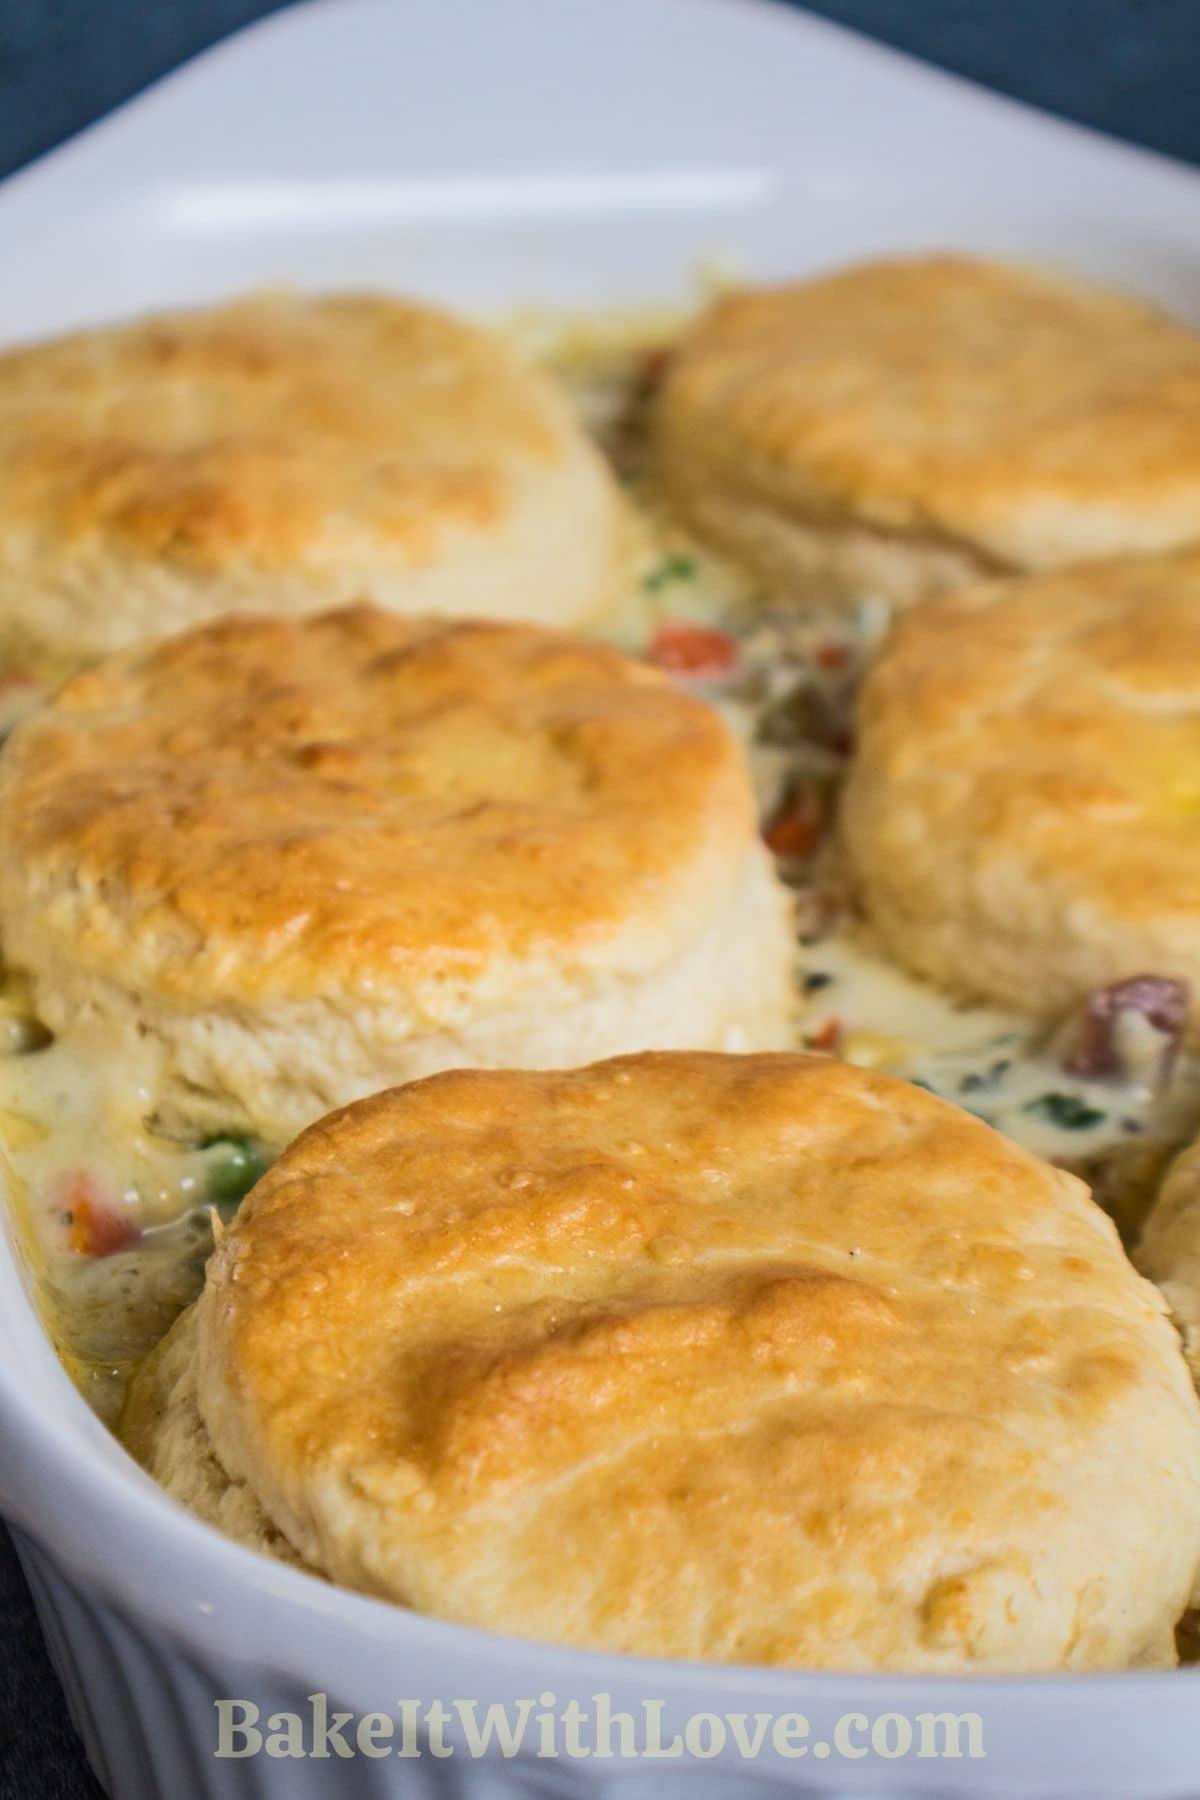 Biscuit chicken pot pie casserole in baking dish.